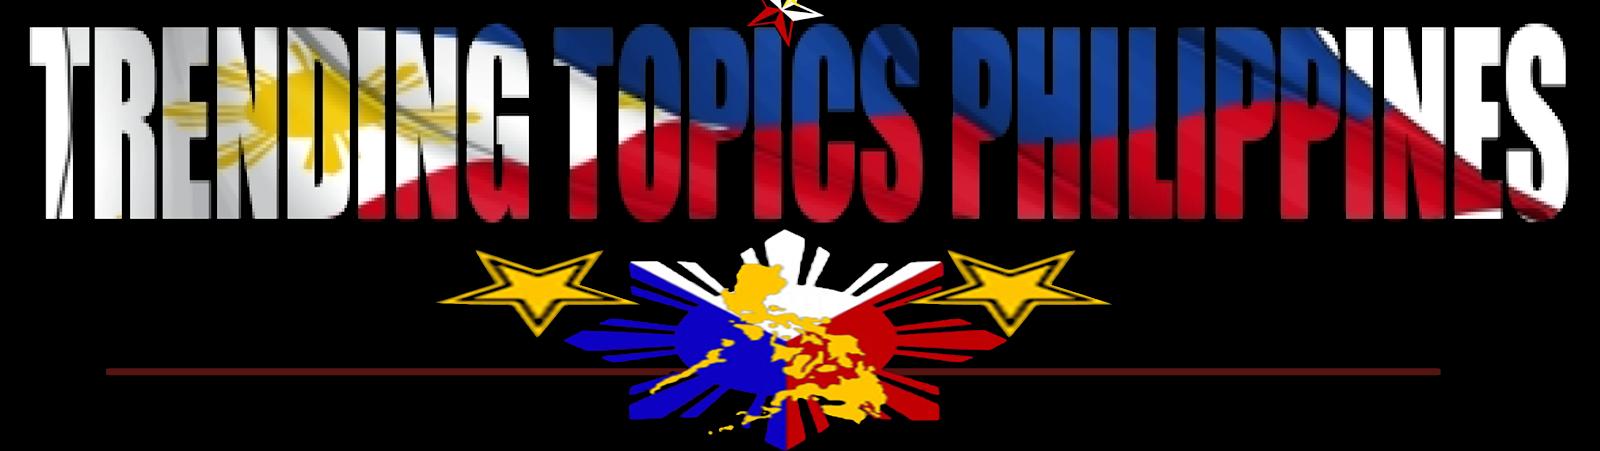 TRENDING TOPICS PHILIPPINES